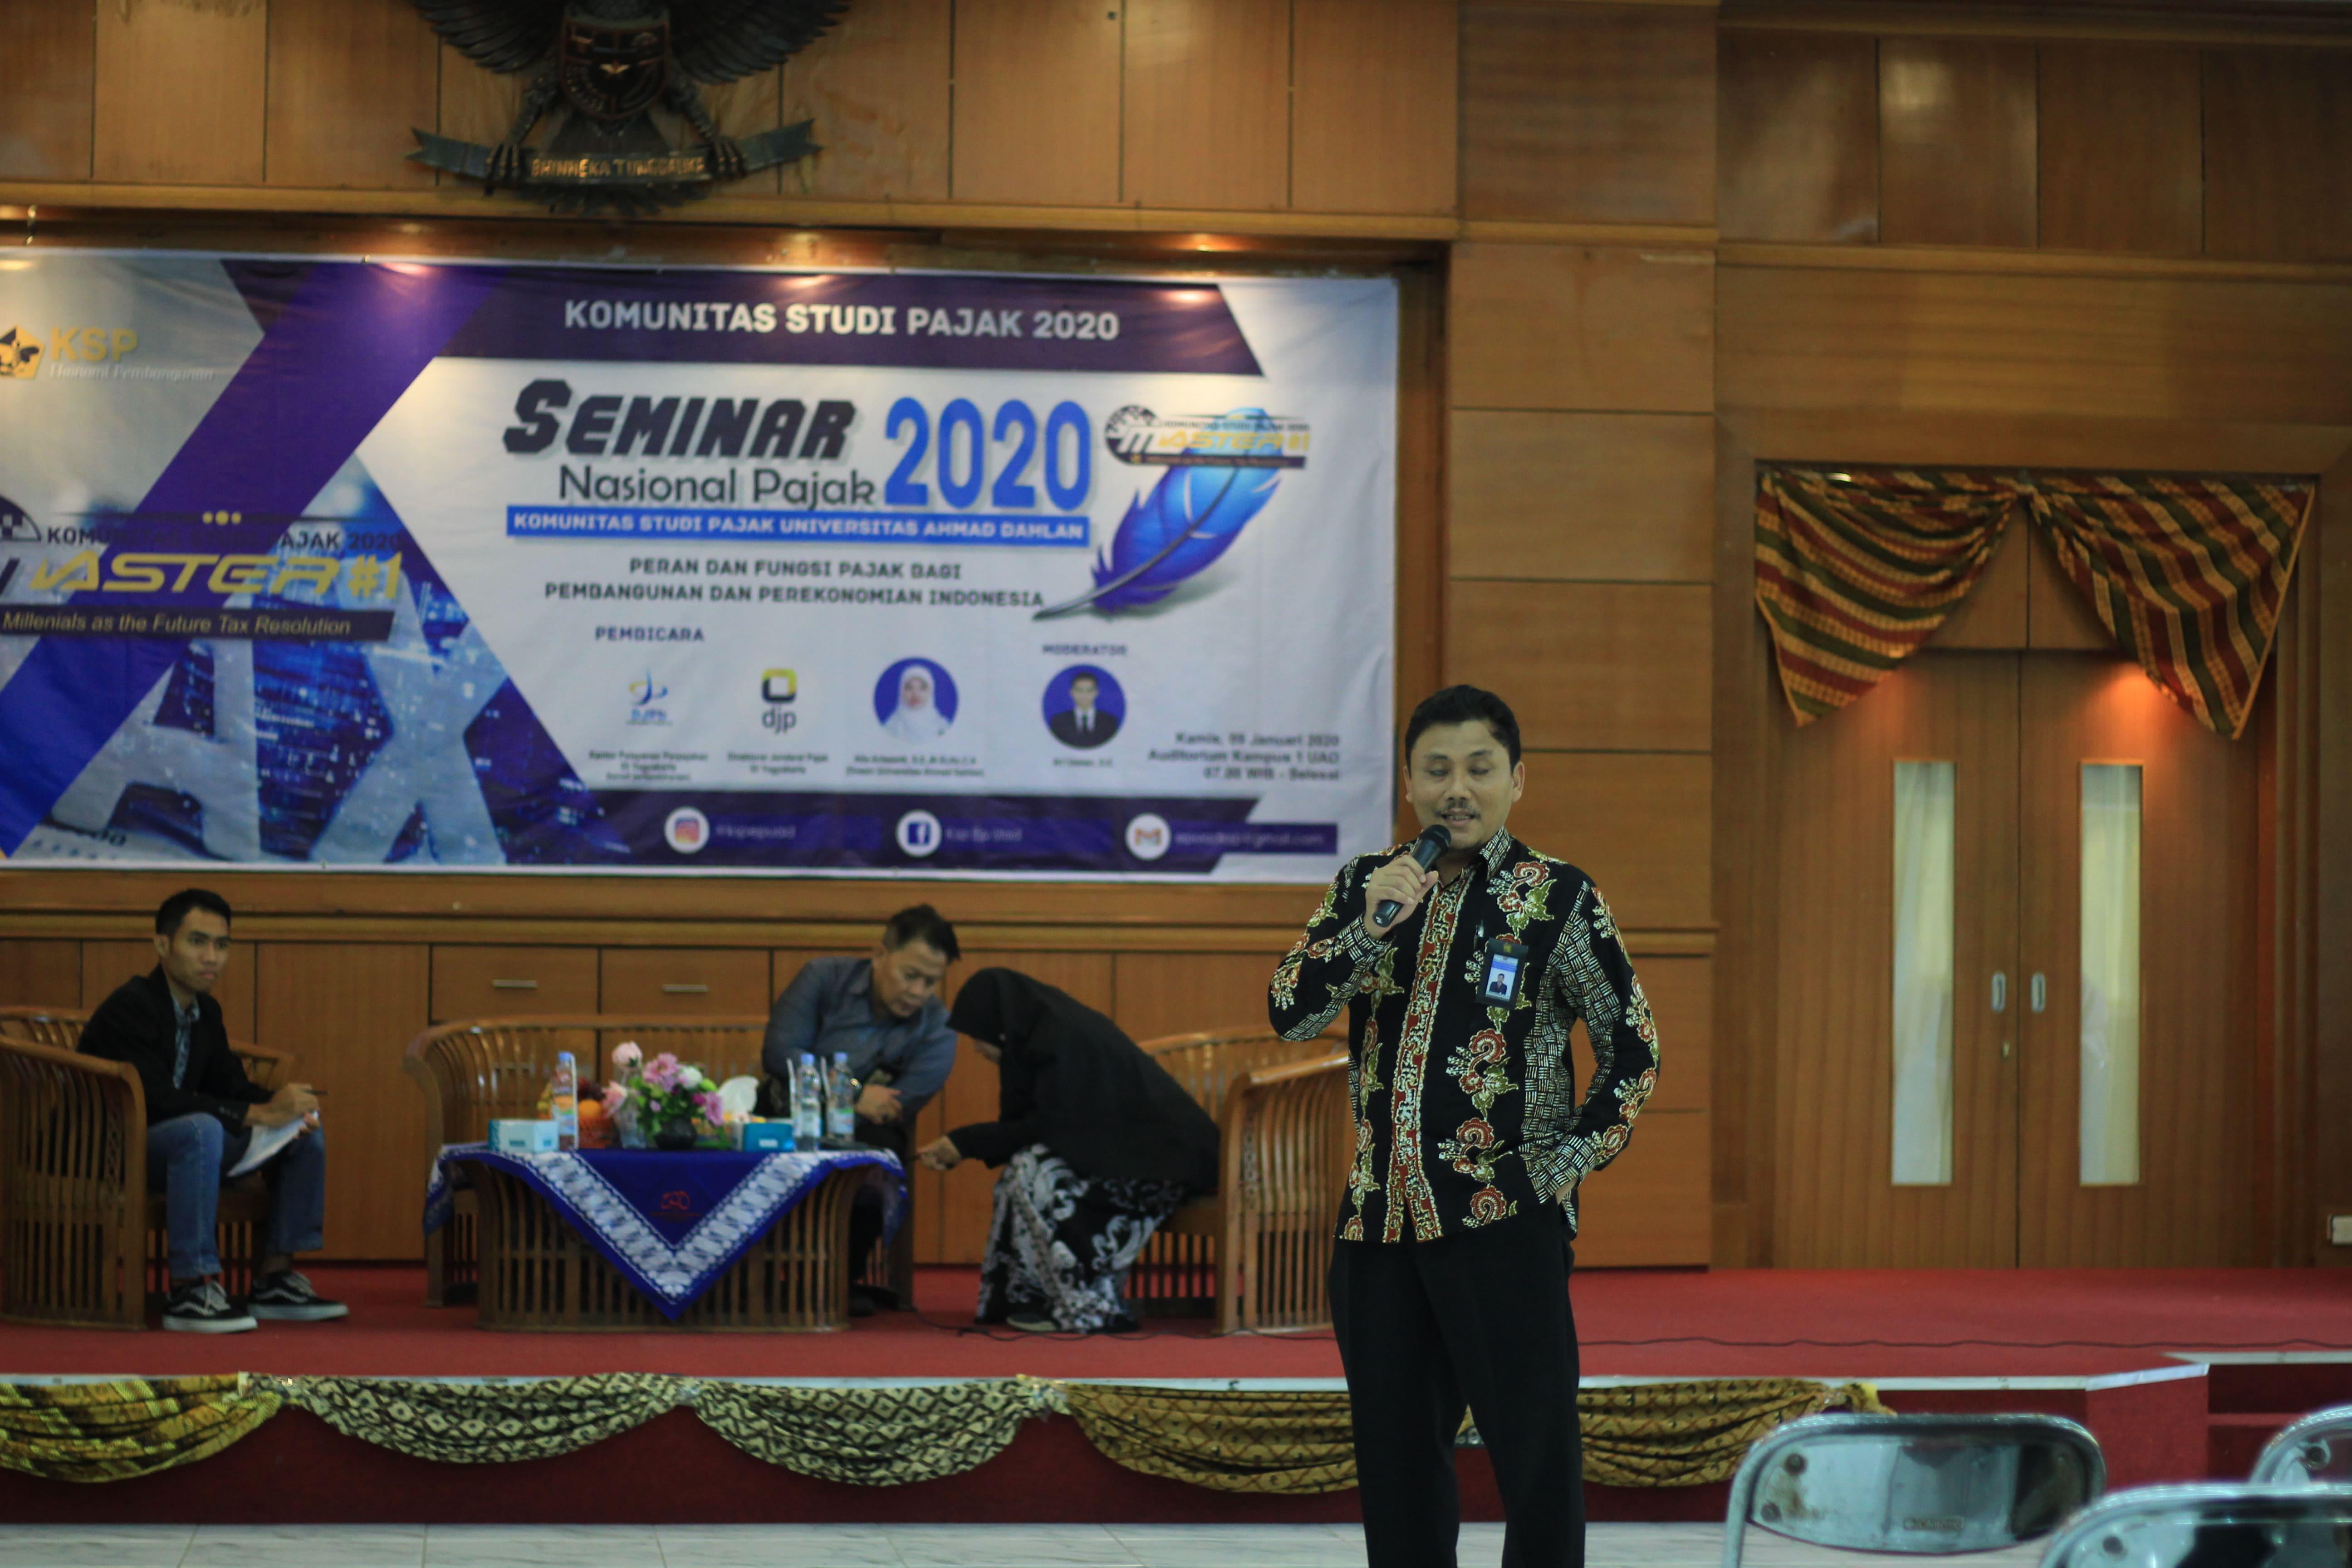 Seminar Nasional oleh Komunitas Study Pajak